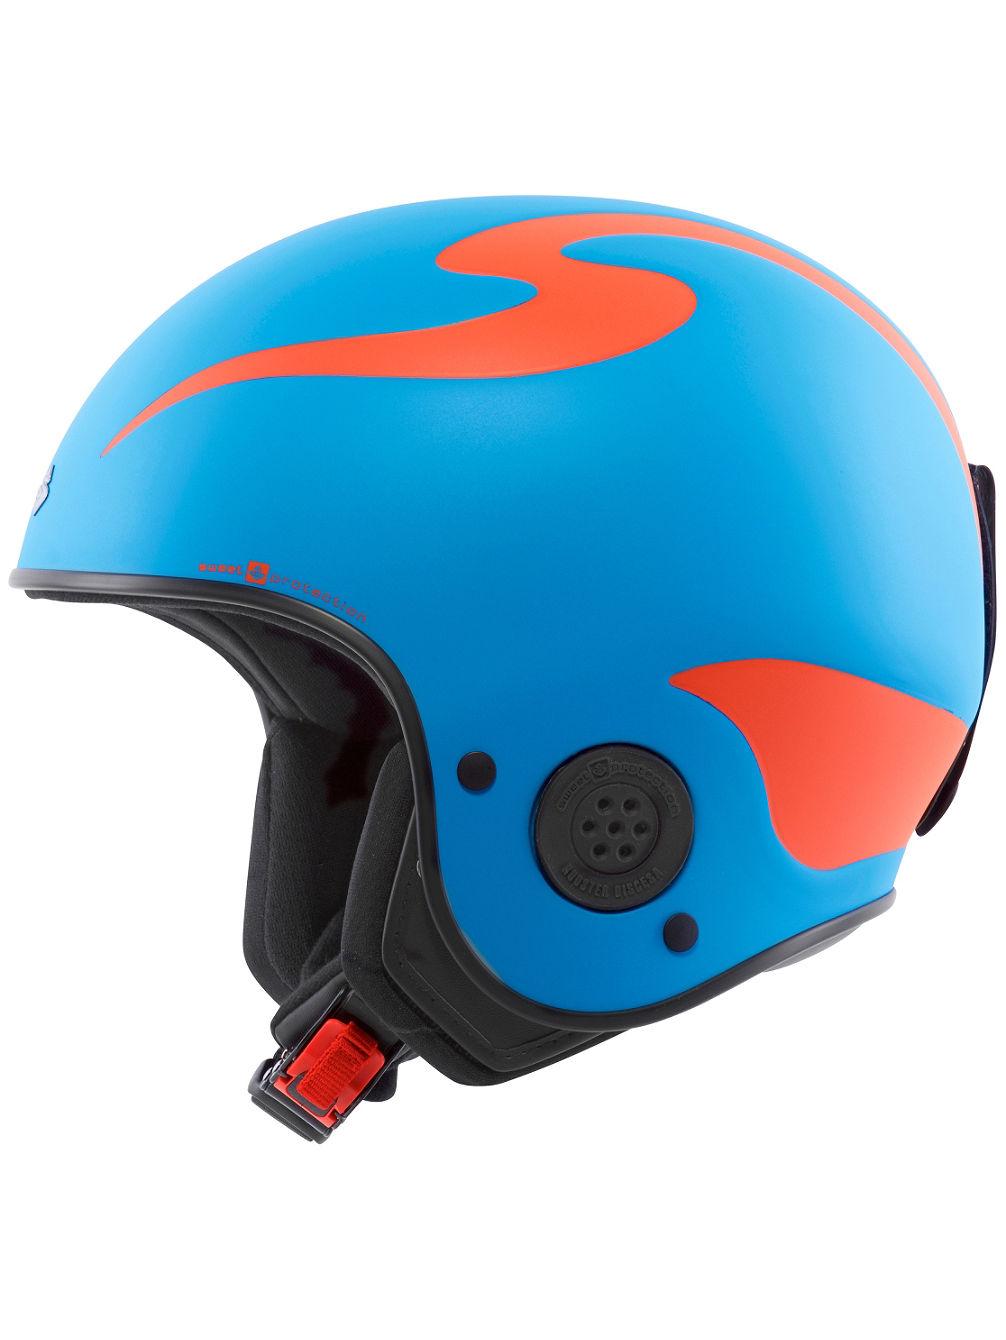 rooster-discesa-s-helmet